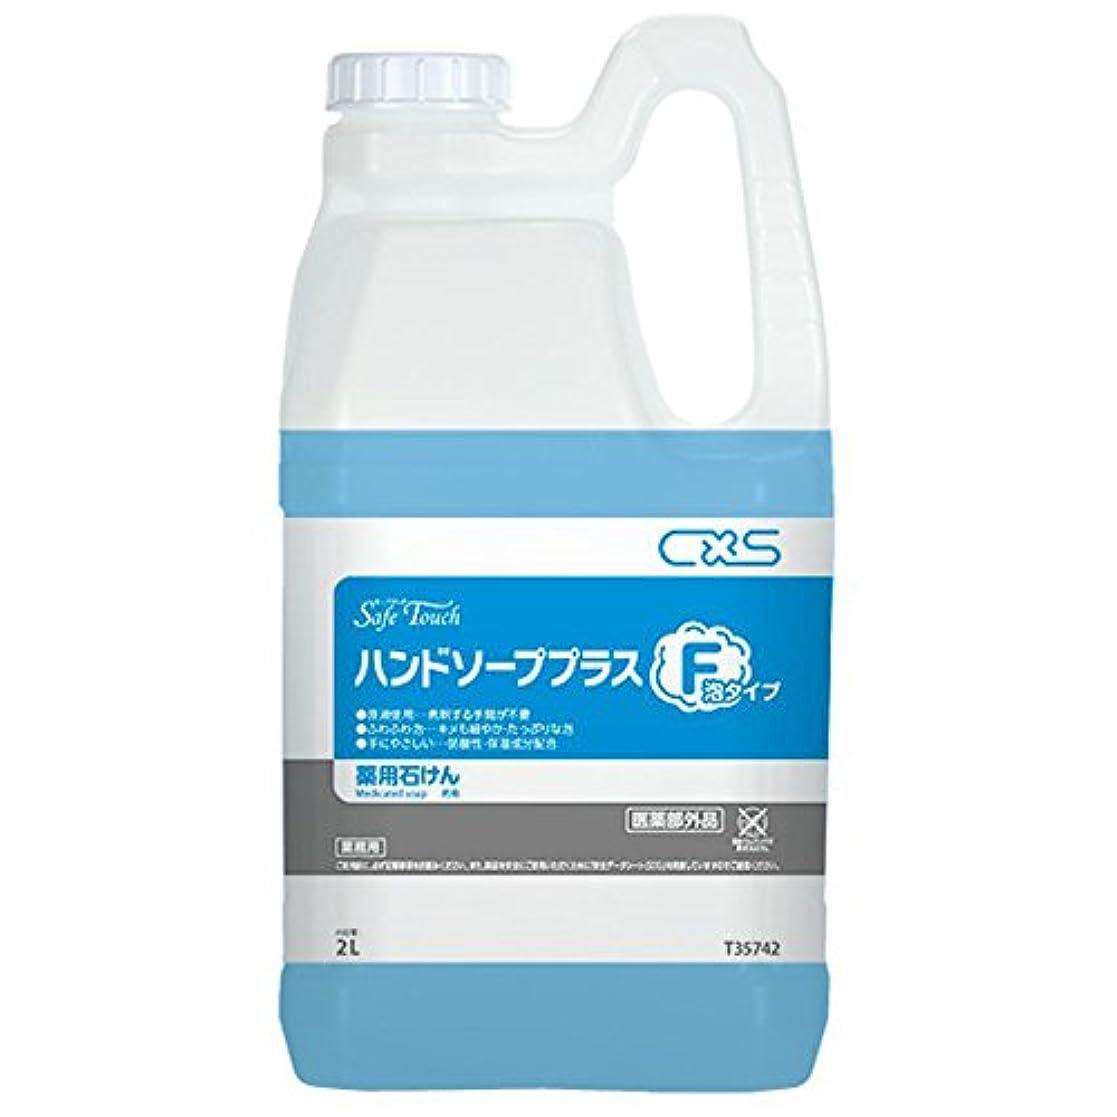 ビーム添加ウィンクシーバイエス(C×S) 殺菌?消毒用手洗い石けん セーフタッチハンドソーププラスF 2L